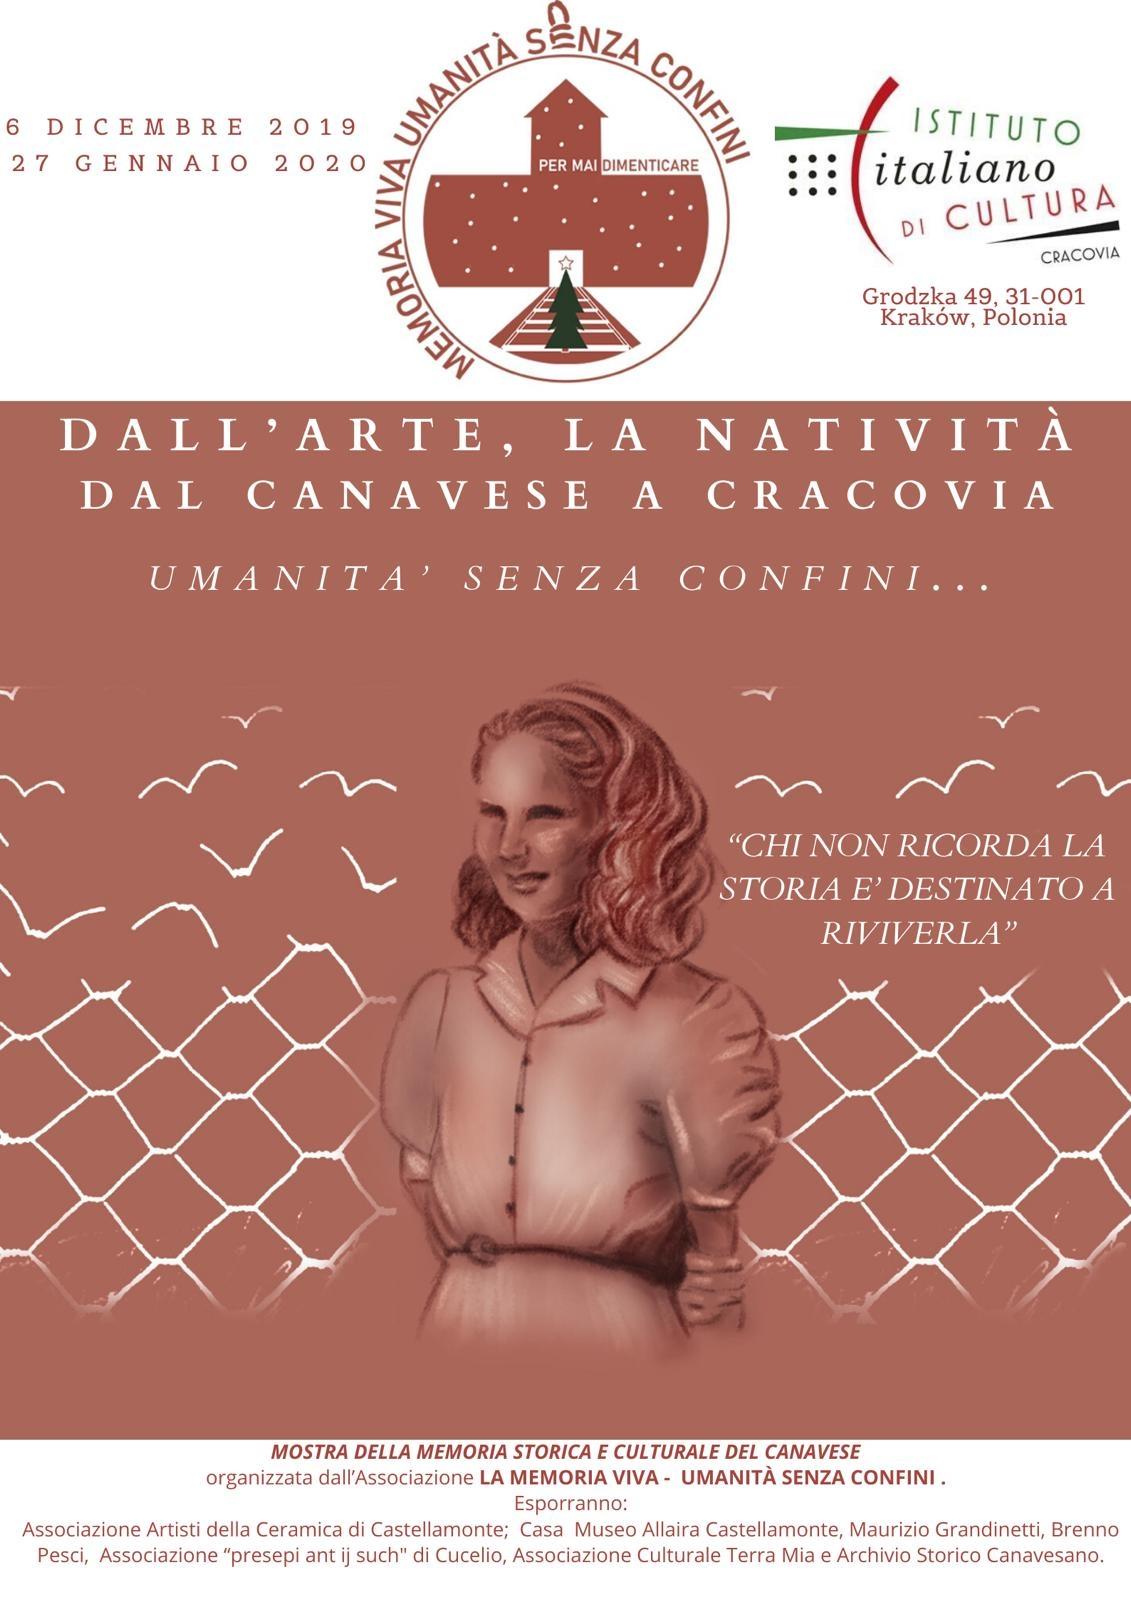 CANAVESE - Dall'arte, la Natività del Canavese a Cracovia: umanità senza confini